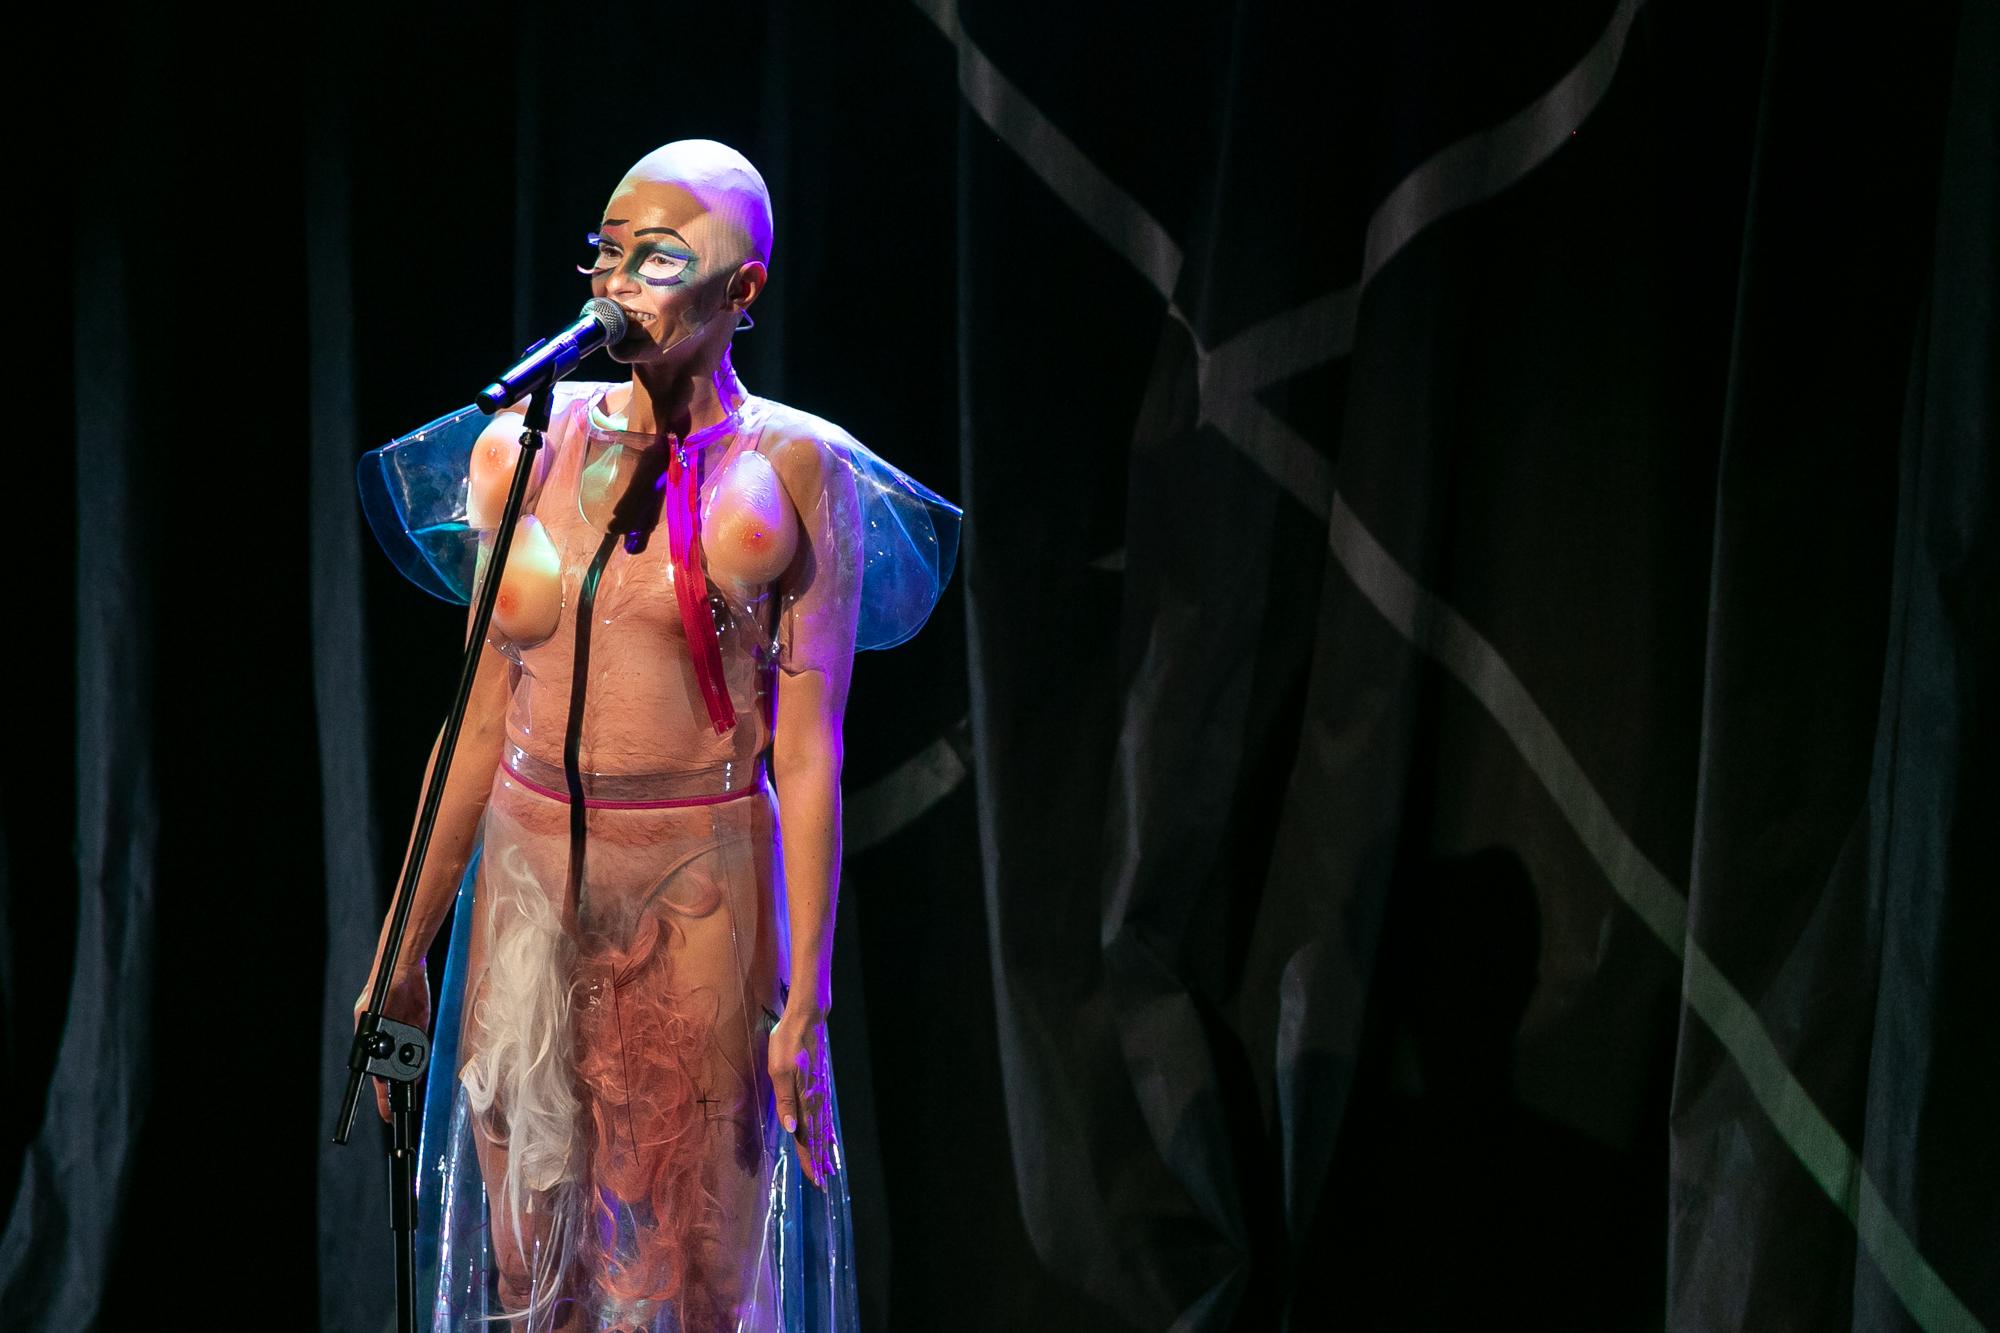 Na tle czarnej, pofałdowanej kurtyny stoi Damian Alien (D'alien) -kobieta-drag queen w lateksowym, nagim kostiumie z męskim owłosieniem torsu i trzema sztucznymi piersiami, rozmieszczonymi niesymetrycznie na torsie. W miejscu włosów łonowych do kostiumu przyczepiona jest długa kolorowa, falująca peruka. Postać okryta jest przezroczystą, plastikową narzutką z krótkimi rękawami, ma na głowie łyskę (perukę-łysinę).